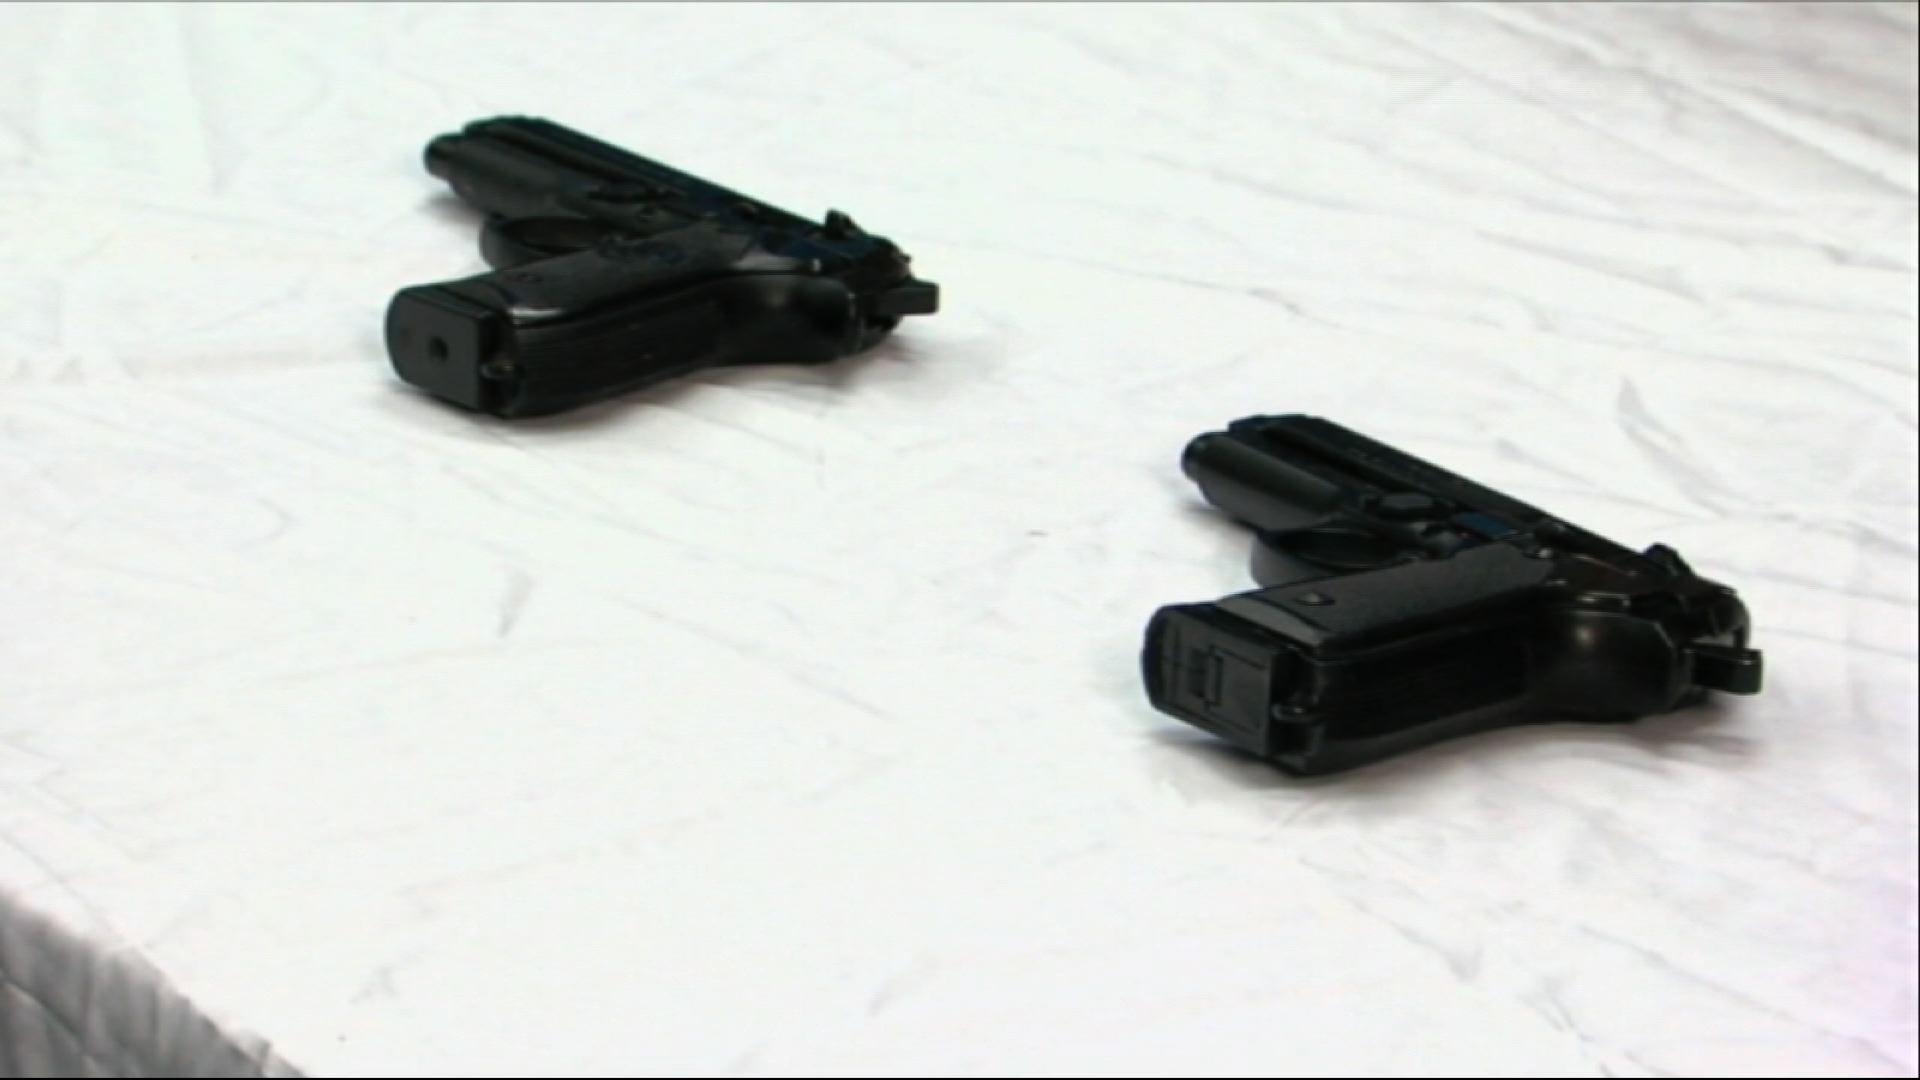 Teen's 'Fake' Gun Eyed in Md. Police Shooting